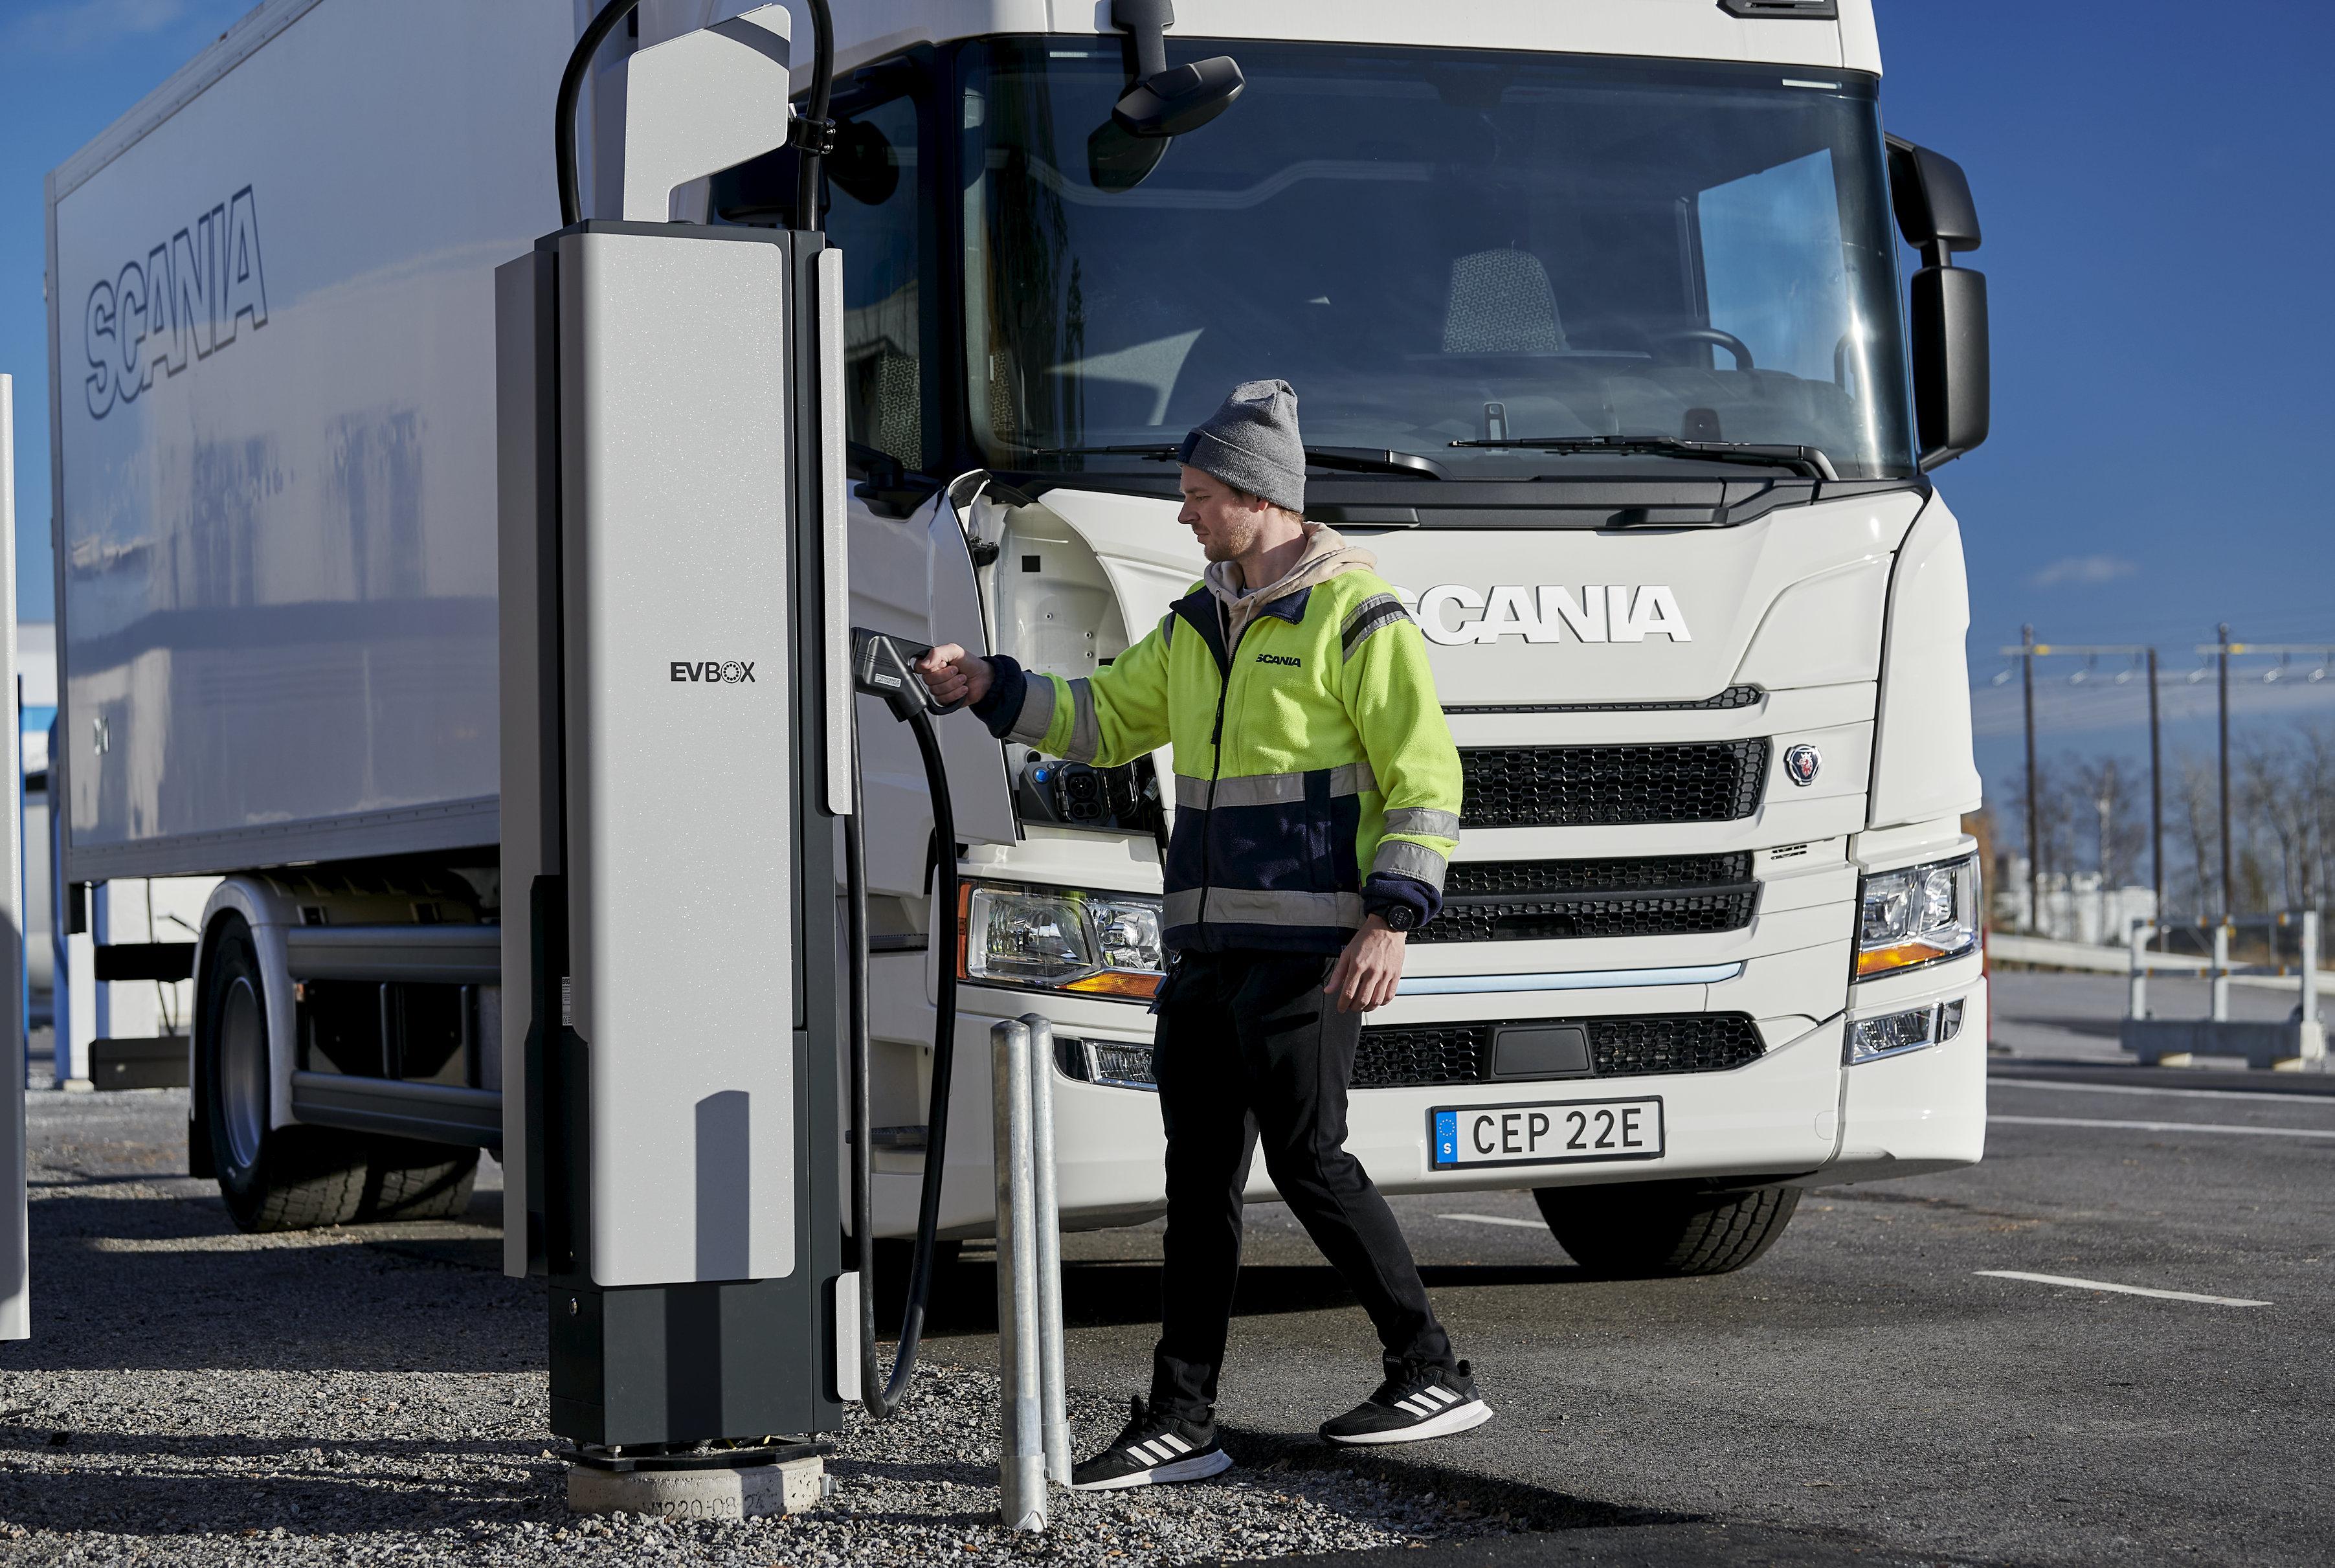 Borne de recharge EVBox Ultroniq en train de recharger un camion électrique Scania © Scania